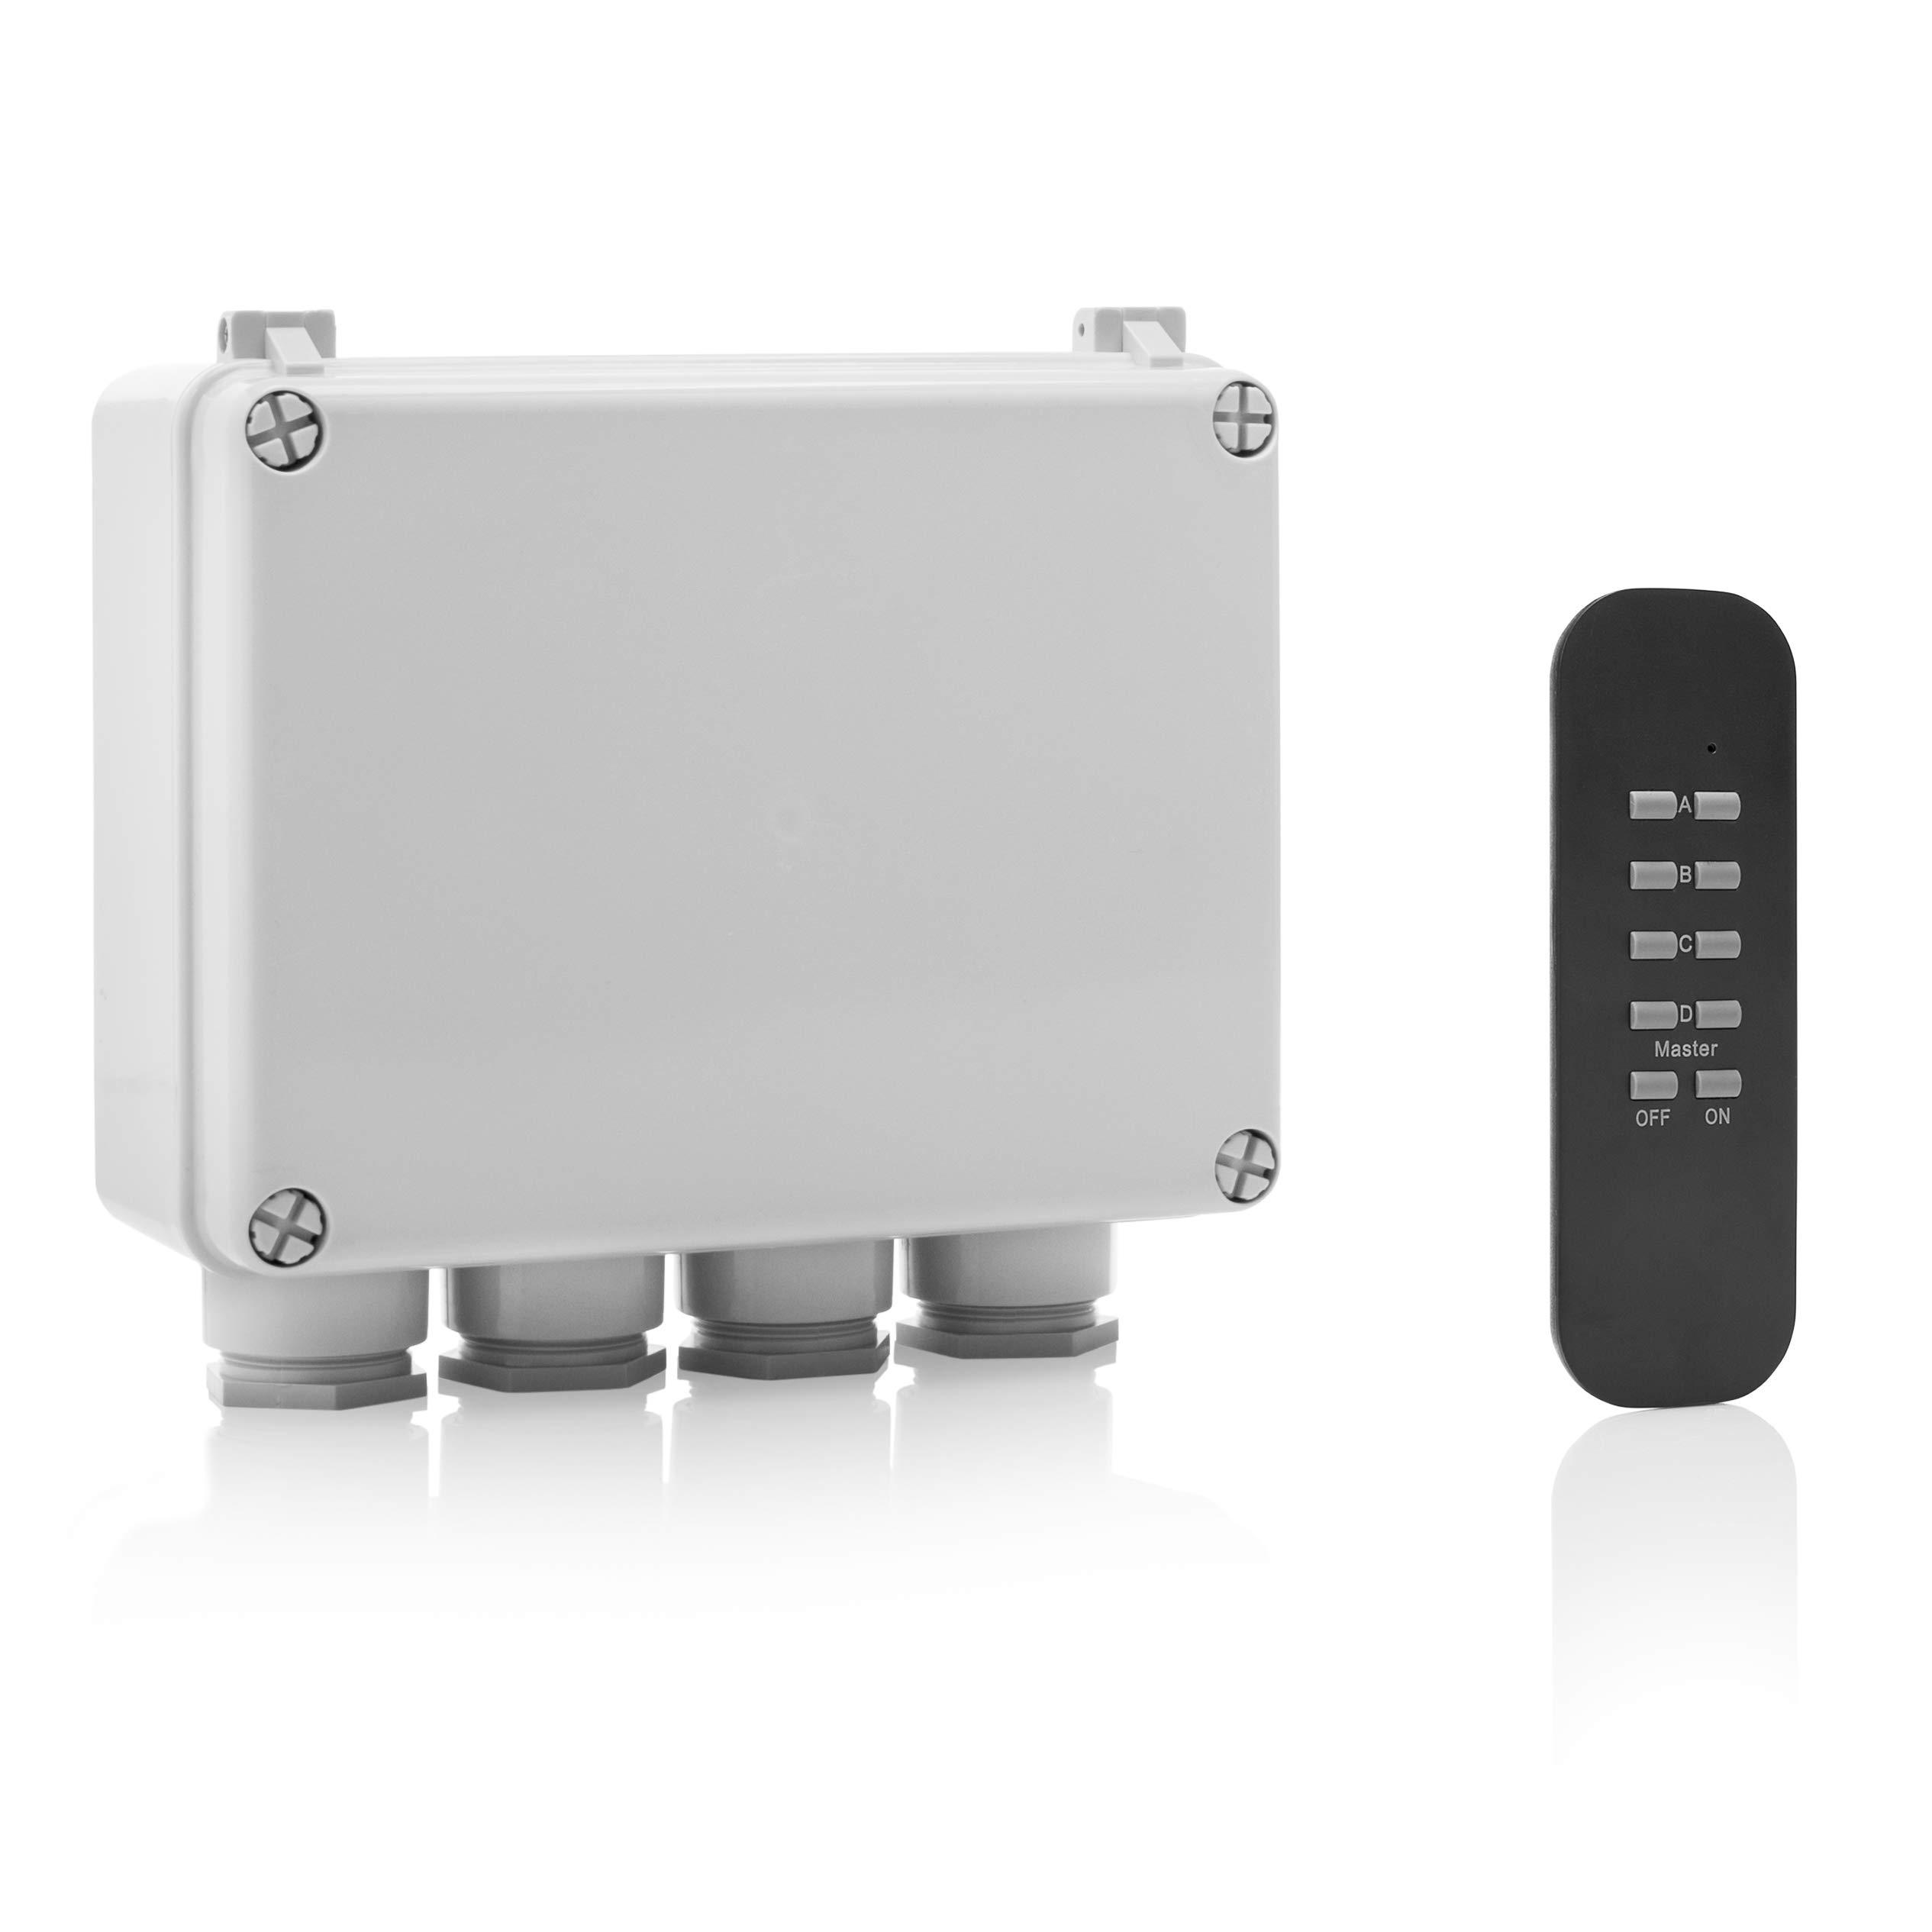 Smartwares 10.043.98 SH5-SET-OB Caja de enchufes para Exterior, modulo Receptor de 3 vías y 4 Canales: Amazon.es: Bricolaje y herramientas